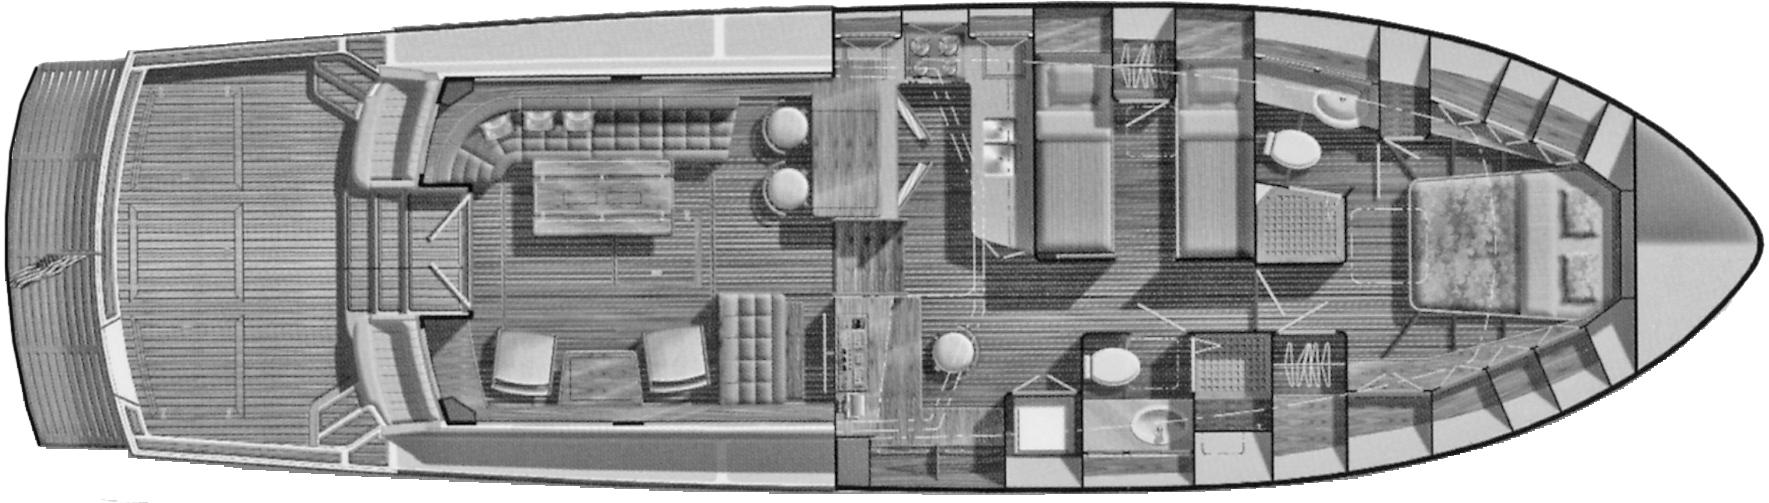 Eastbay 54 SX Floor Plan 2